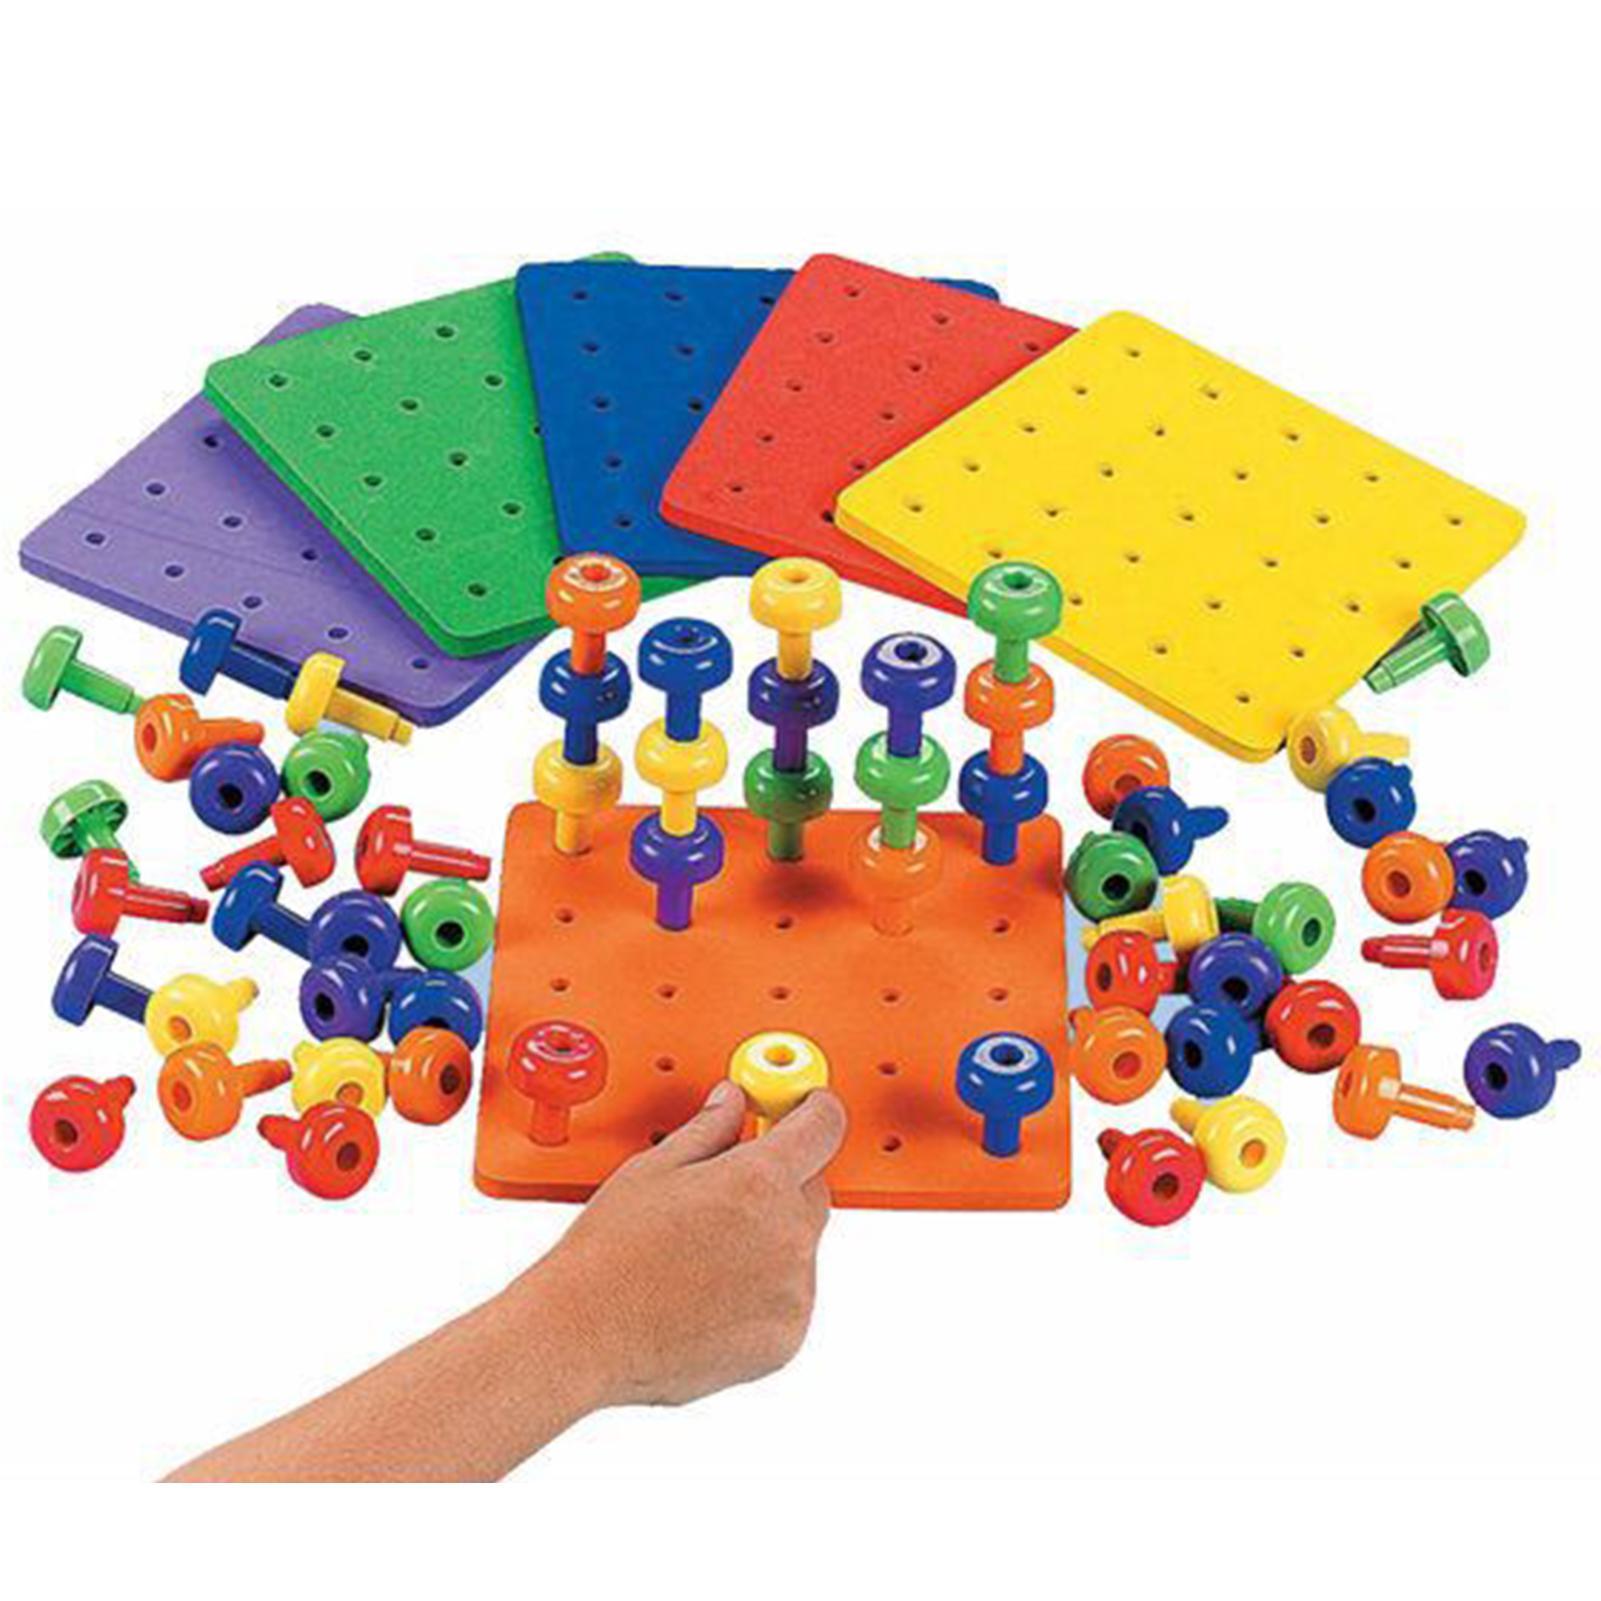 Креативные Детские игрушки Монтессори 2020, Детский пазл, доска для прищепок, грибы, ногти для детей, развивающие игрушки, подарки